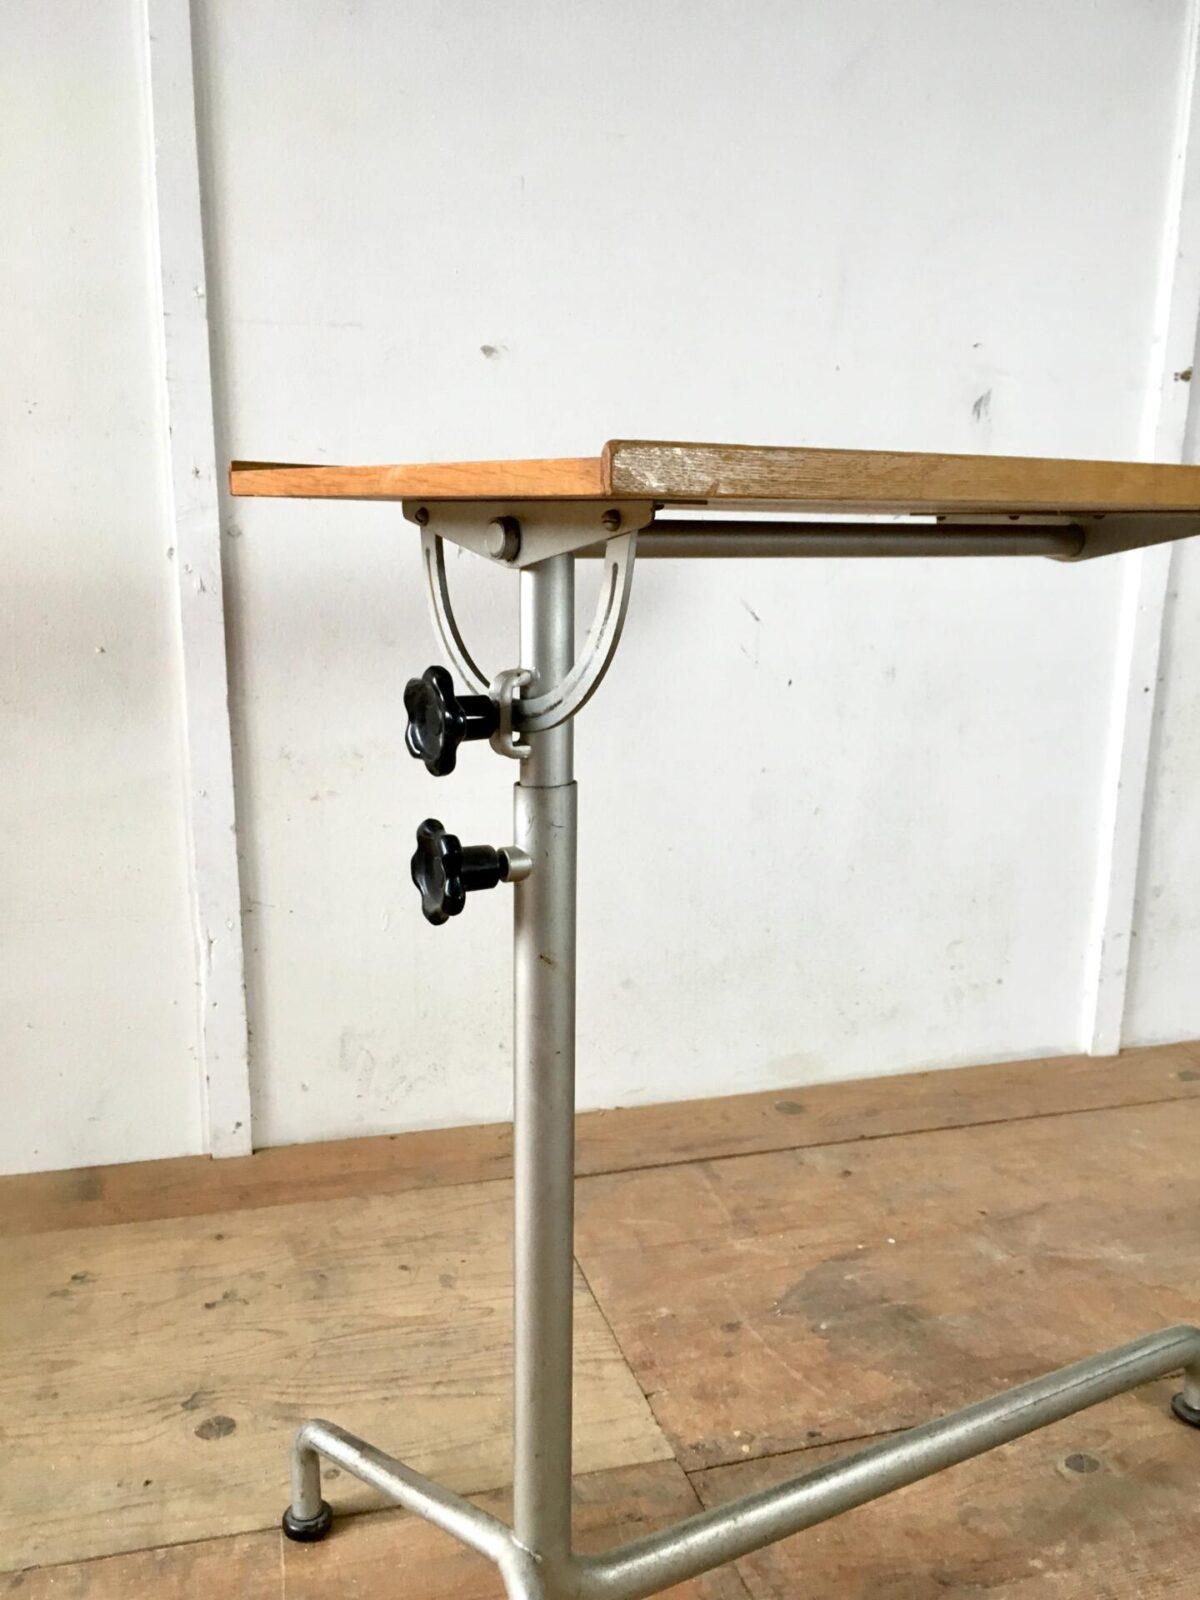 Vintage Tisch von embru, Mechanik von caruelle beistell tisch. 80mal40cm höhe 78-117cm. Stehpult, Spital Bett Tisch oder Notenständer.